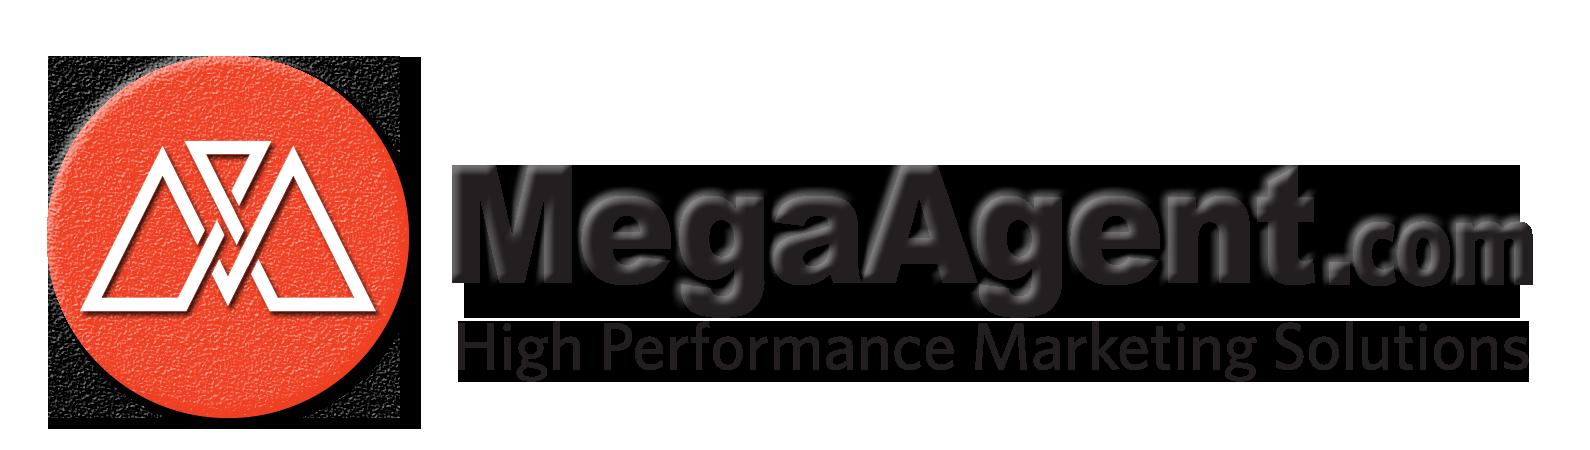 MegaAgent.com